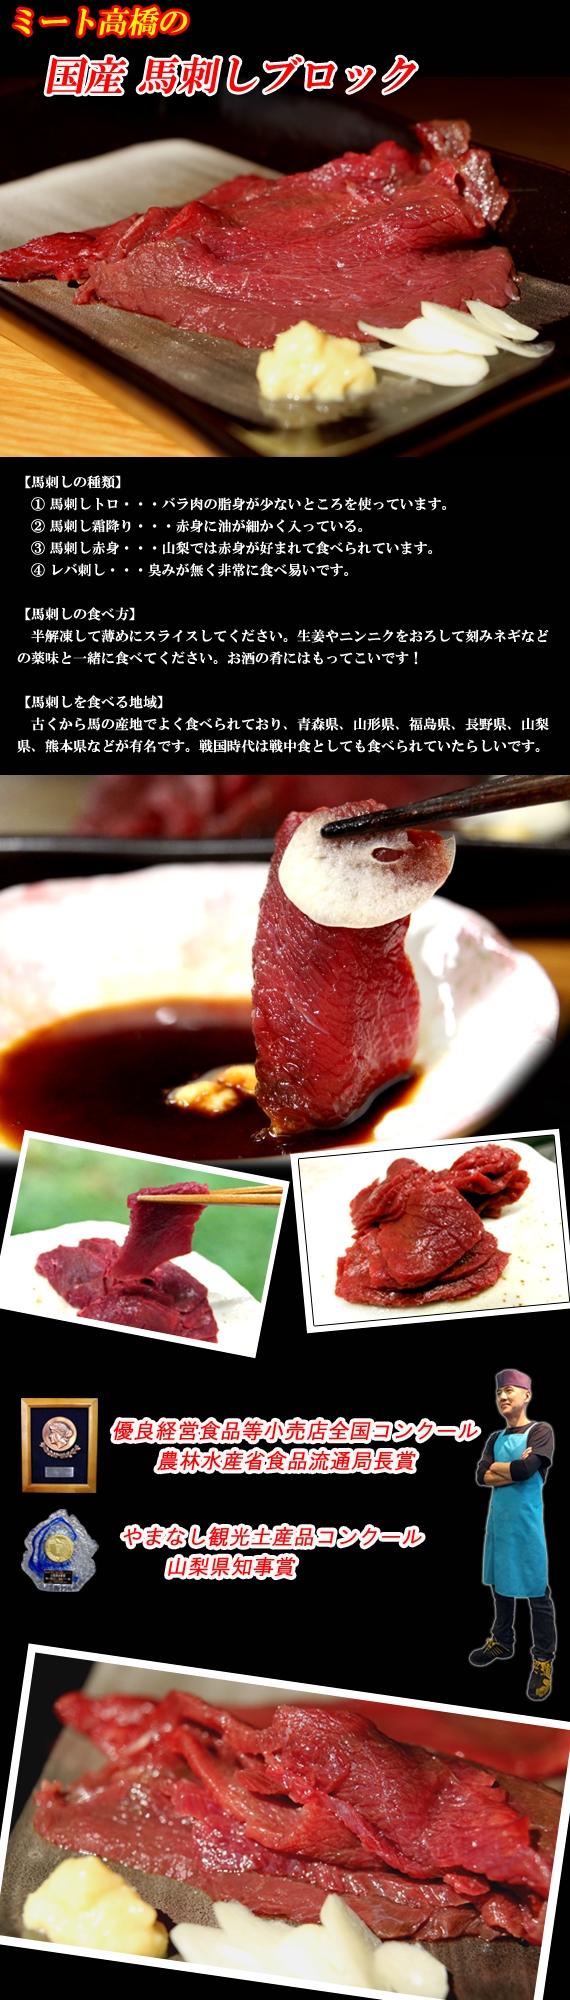 【冷凍品】馬刺し赤身ブロック 100g ブロック☆